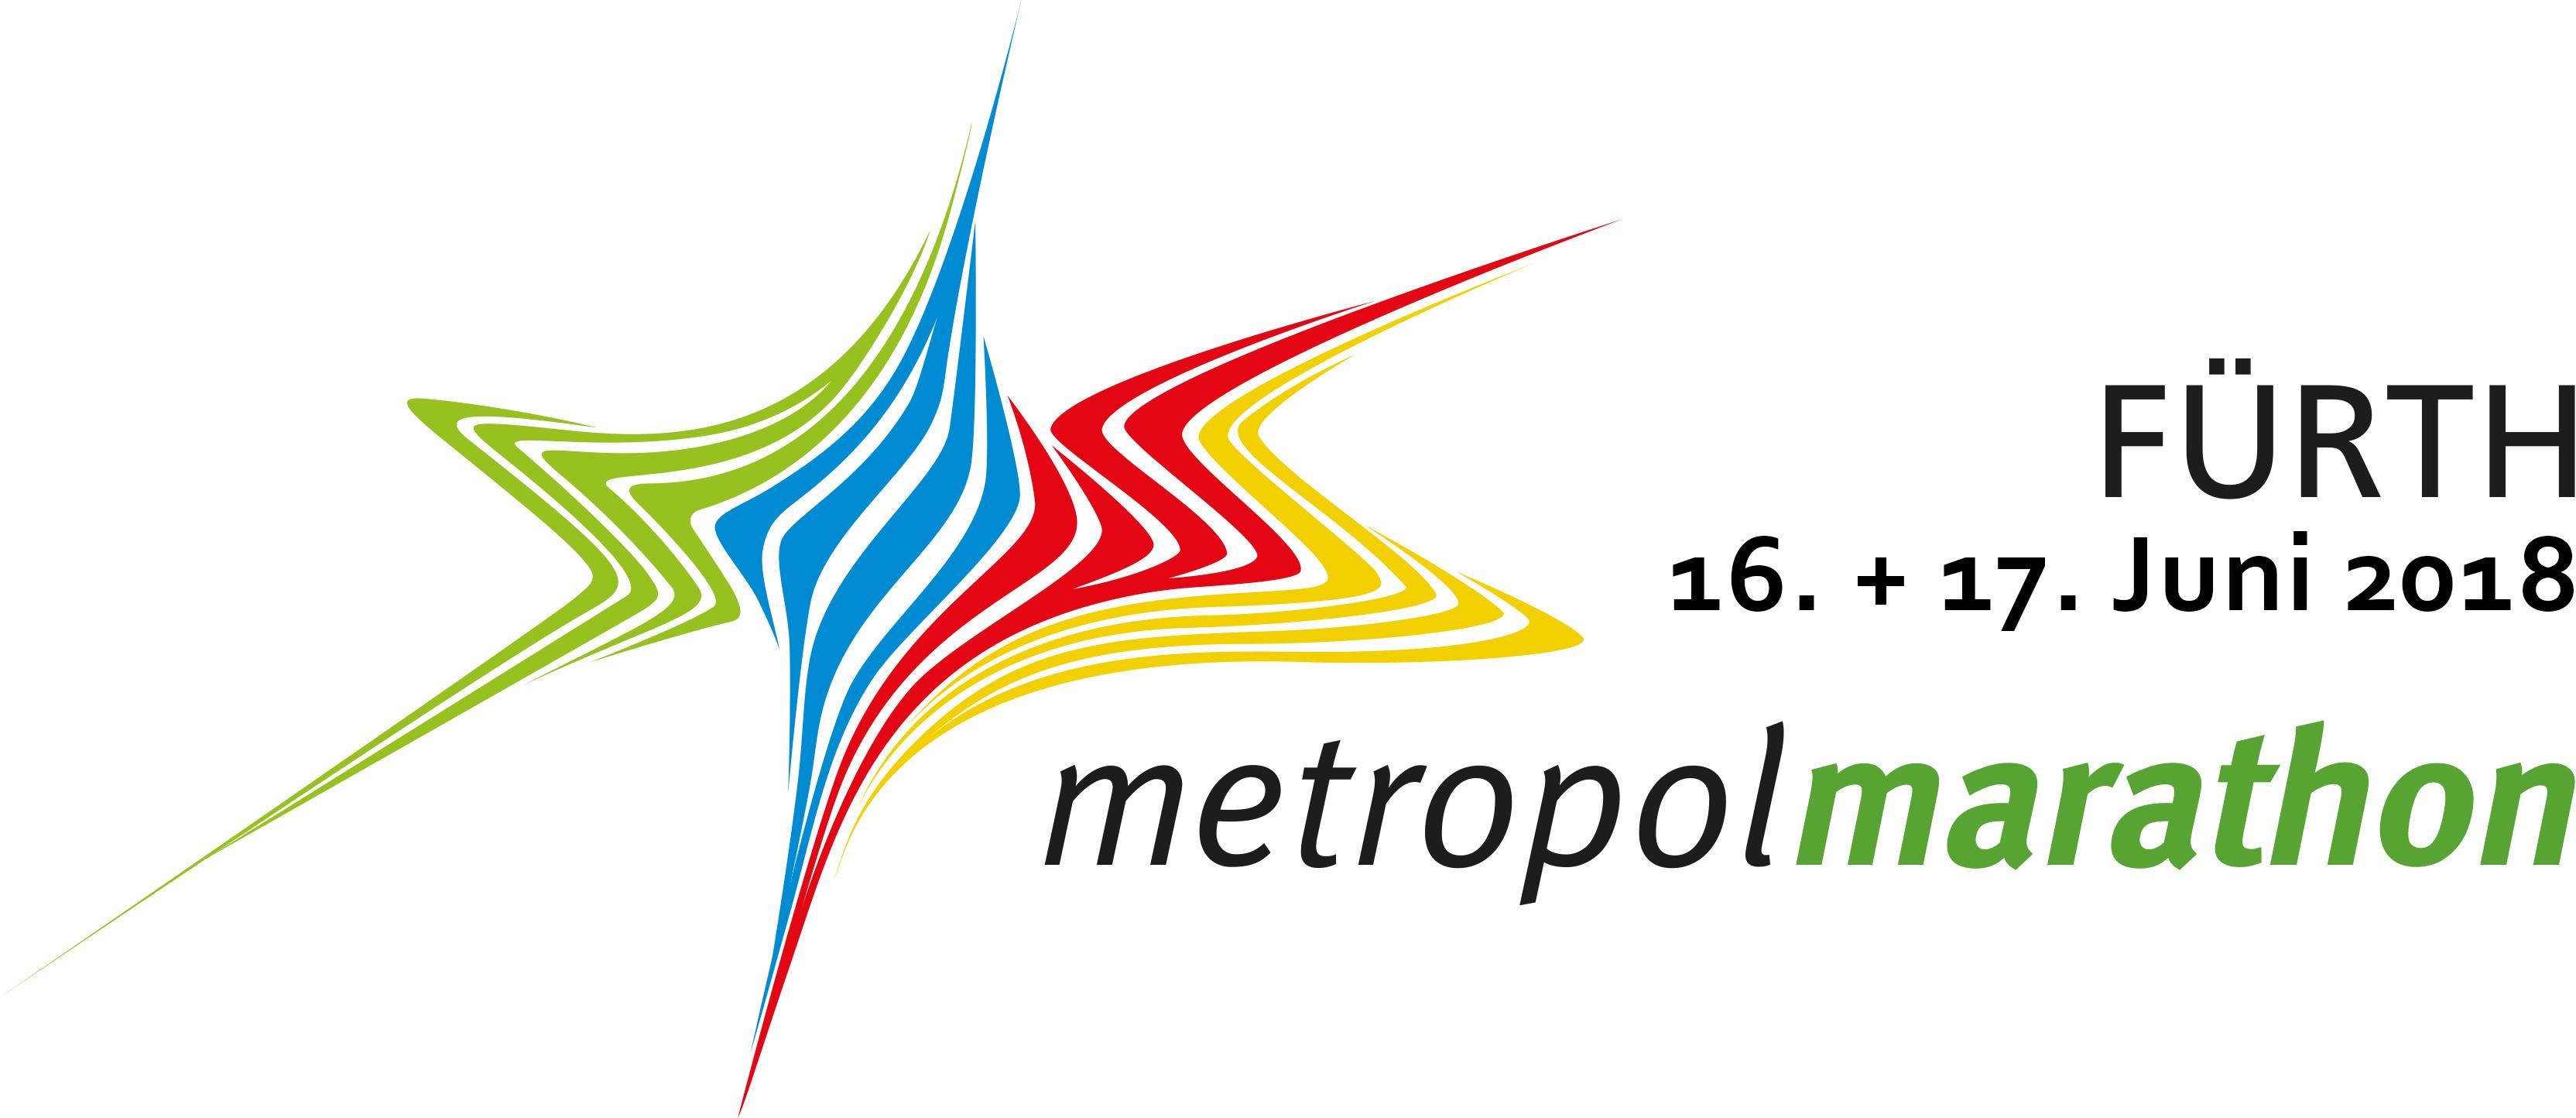 Metropolmarathon-Wochenende als Höhepunkt der Tage des Sports ...